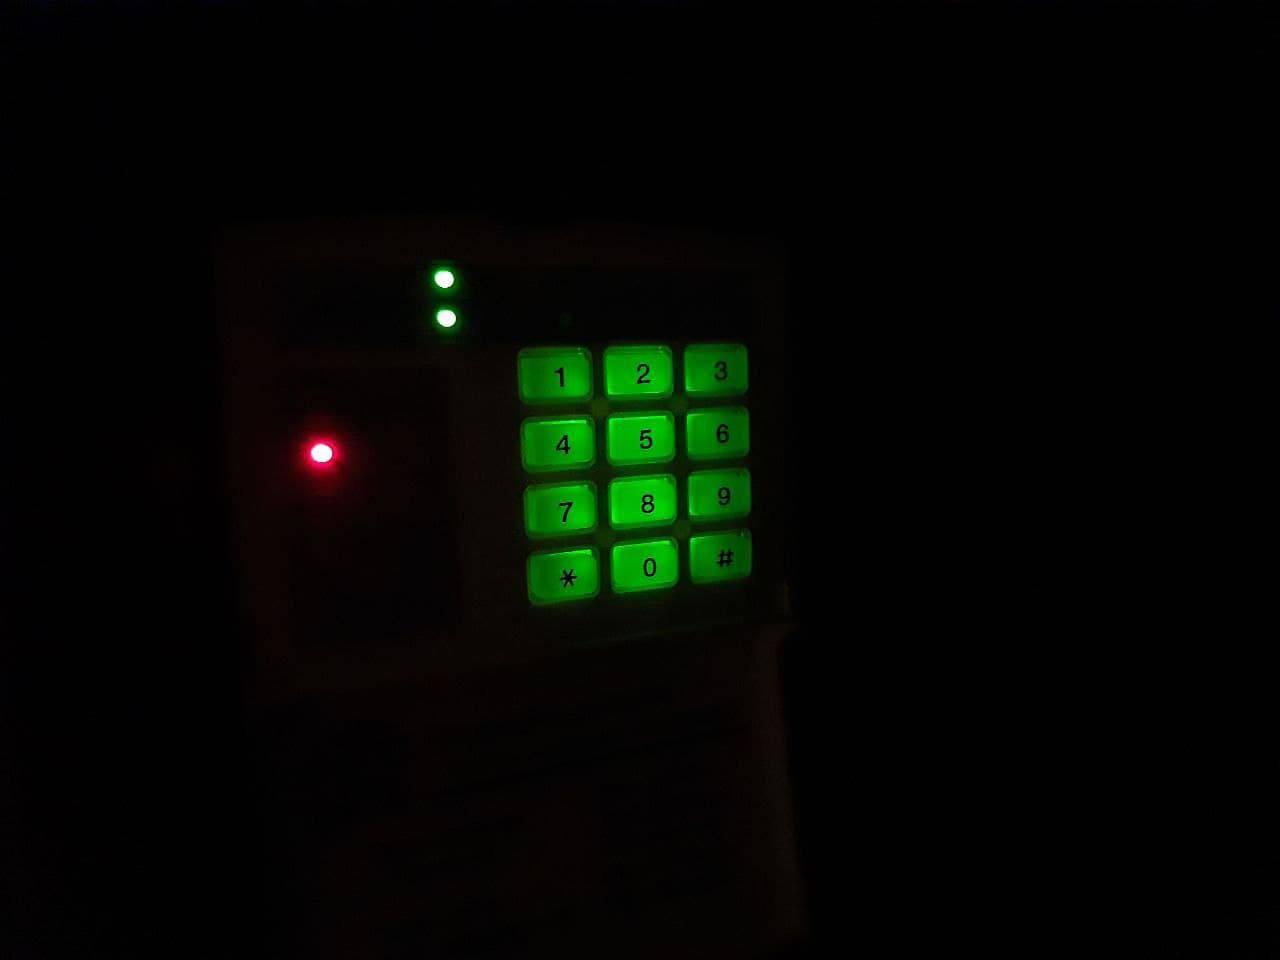 Ночная подсветка дает возможность набирать код сигнализации даже в кромешной тьме